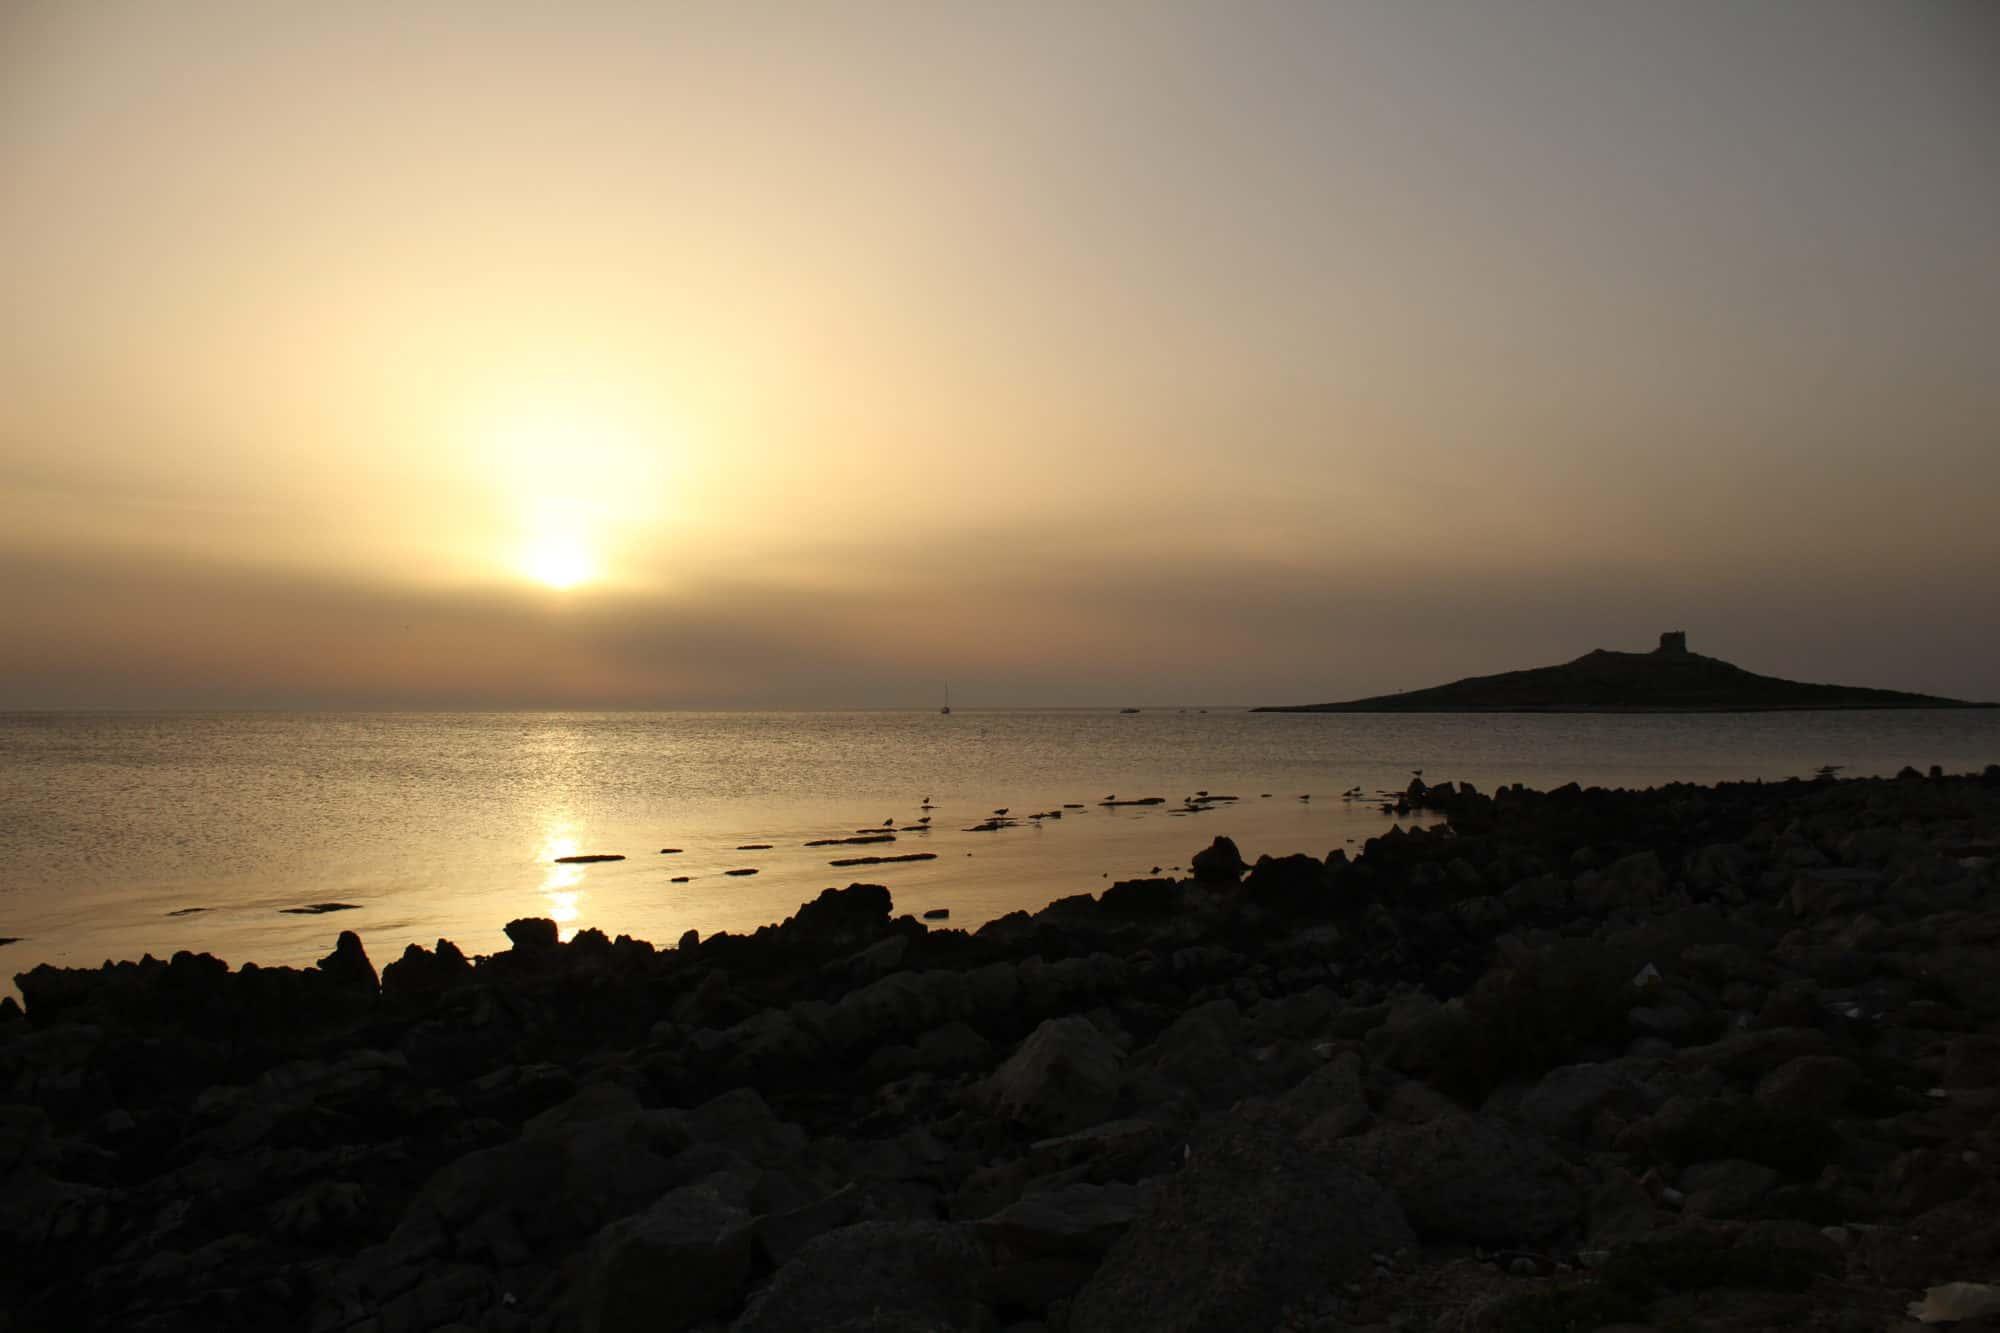 Sonnenutnergang Isola delle Femmine